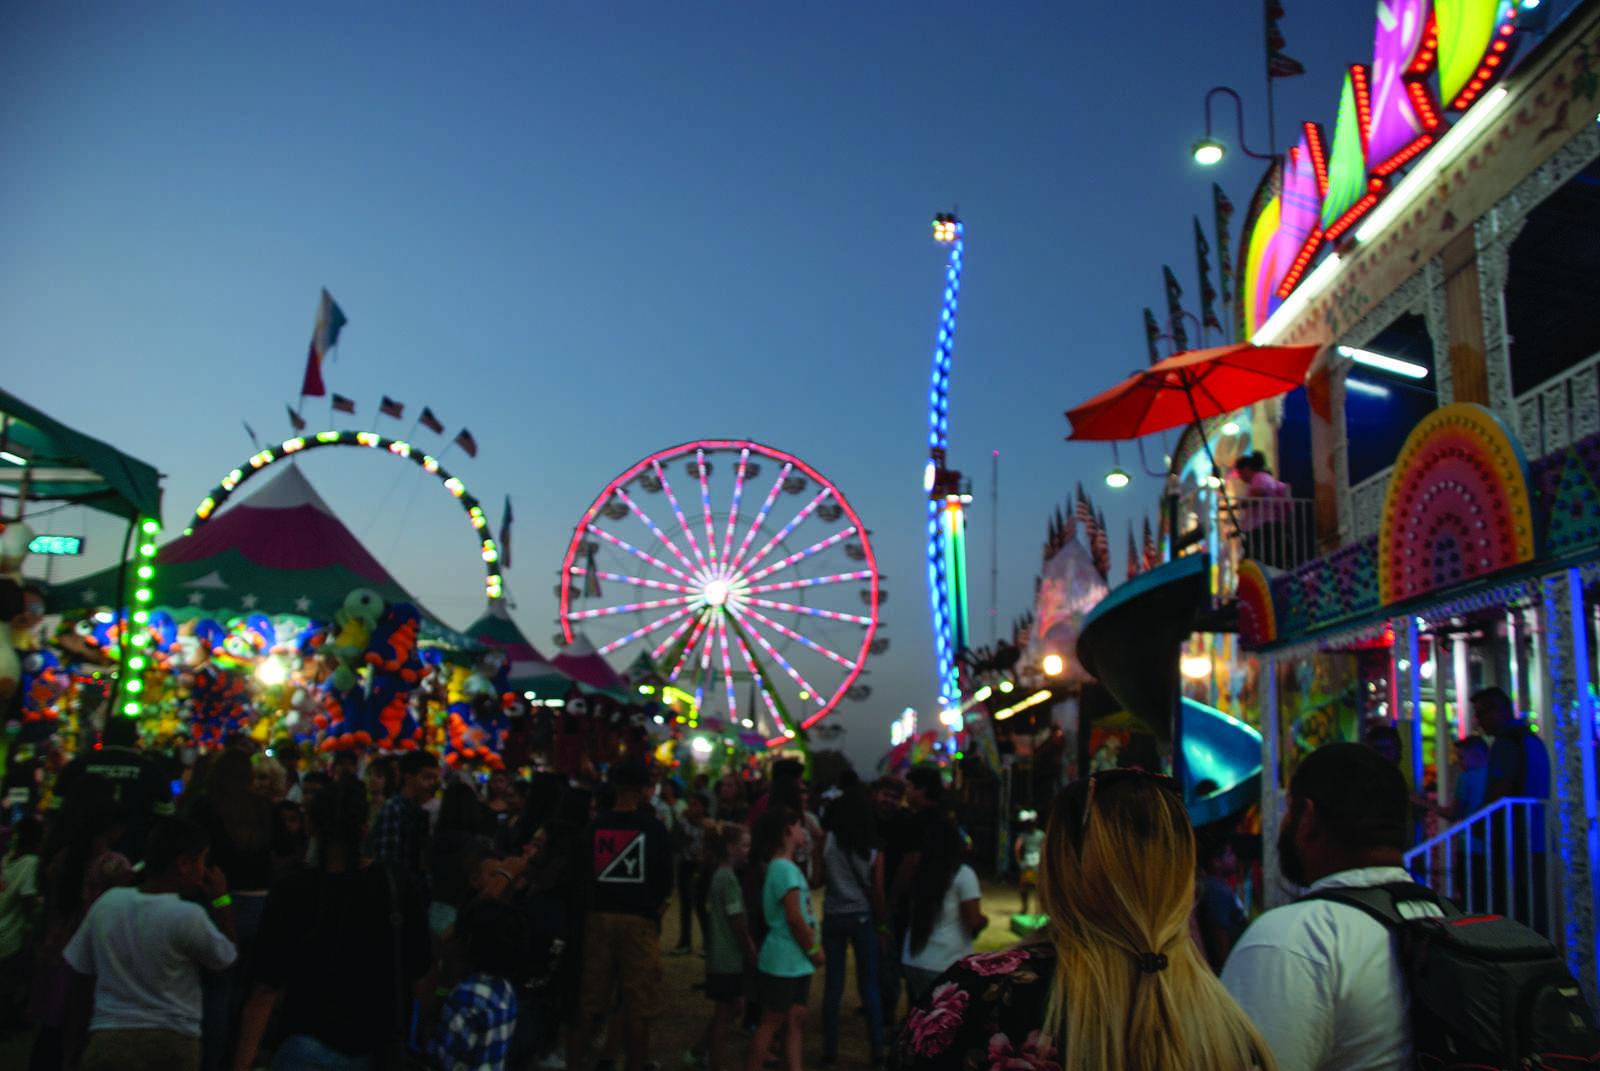 Kern County Fair brings life to Bakersfield